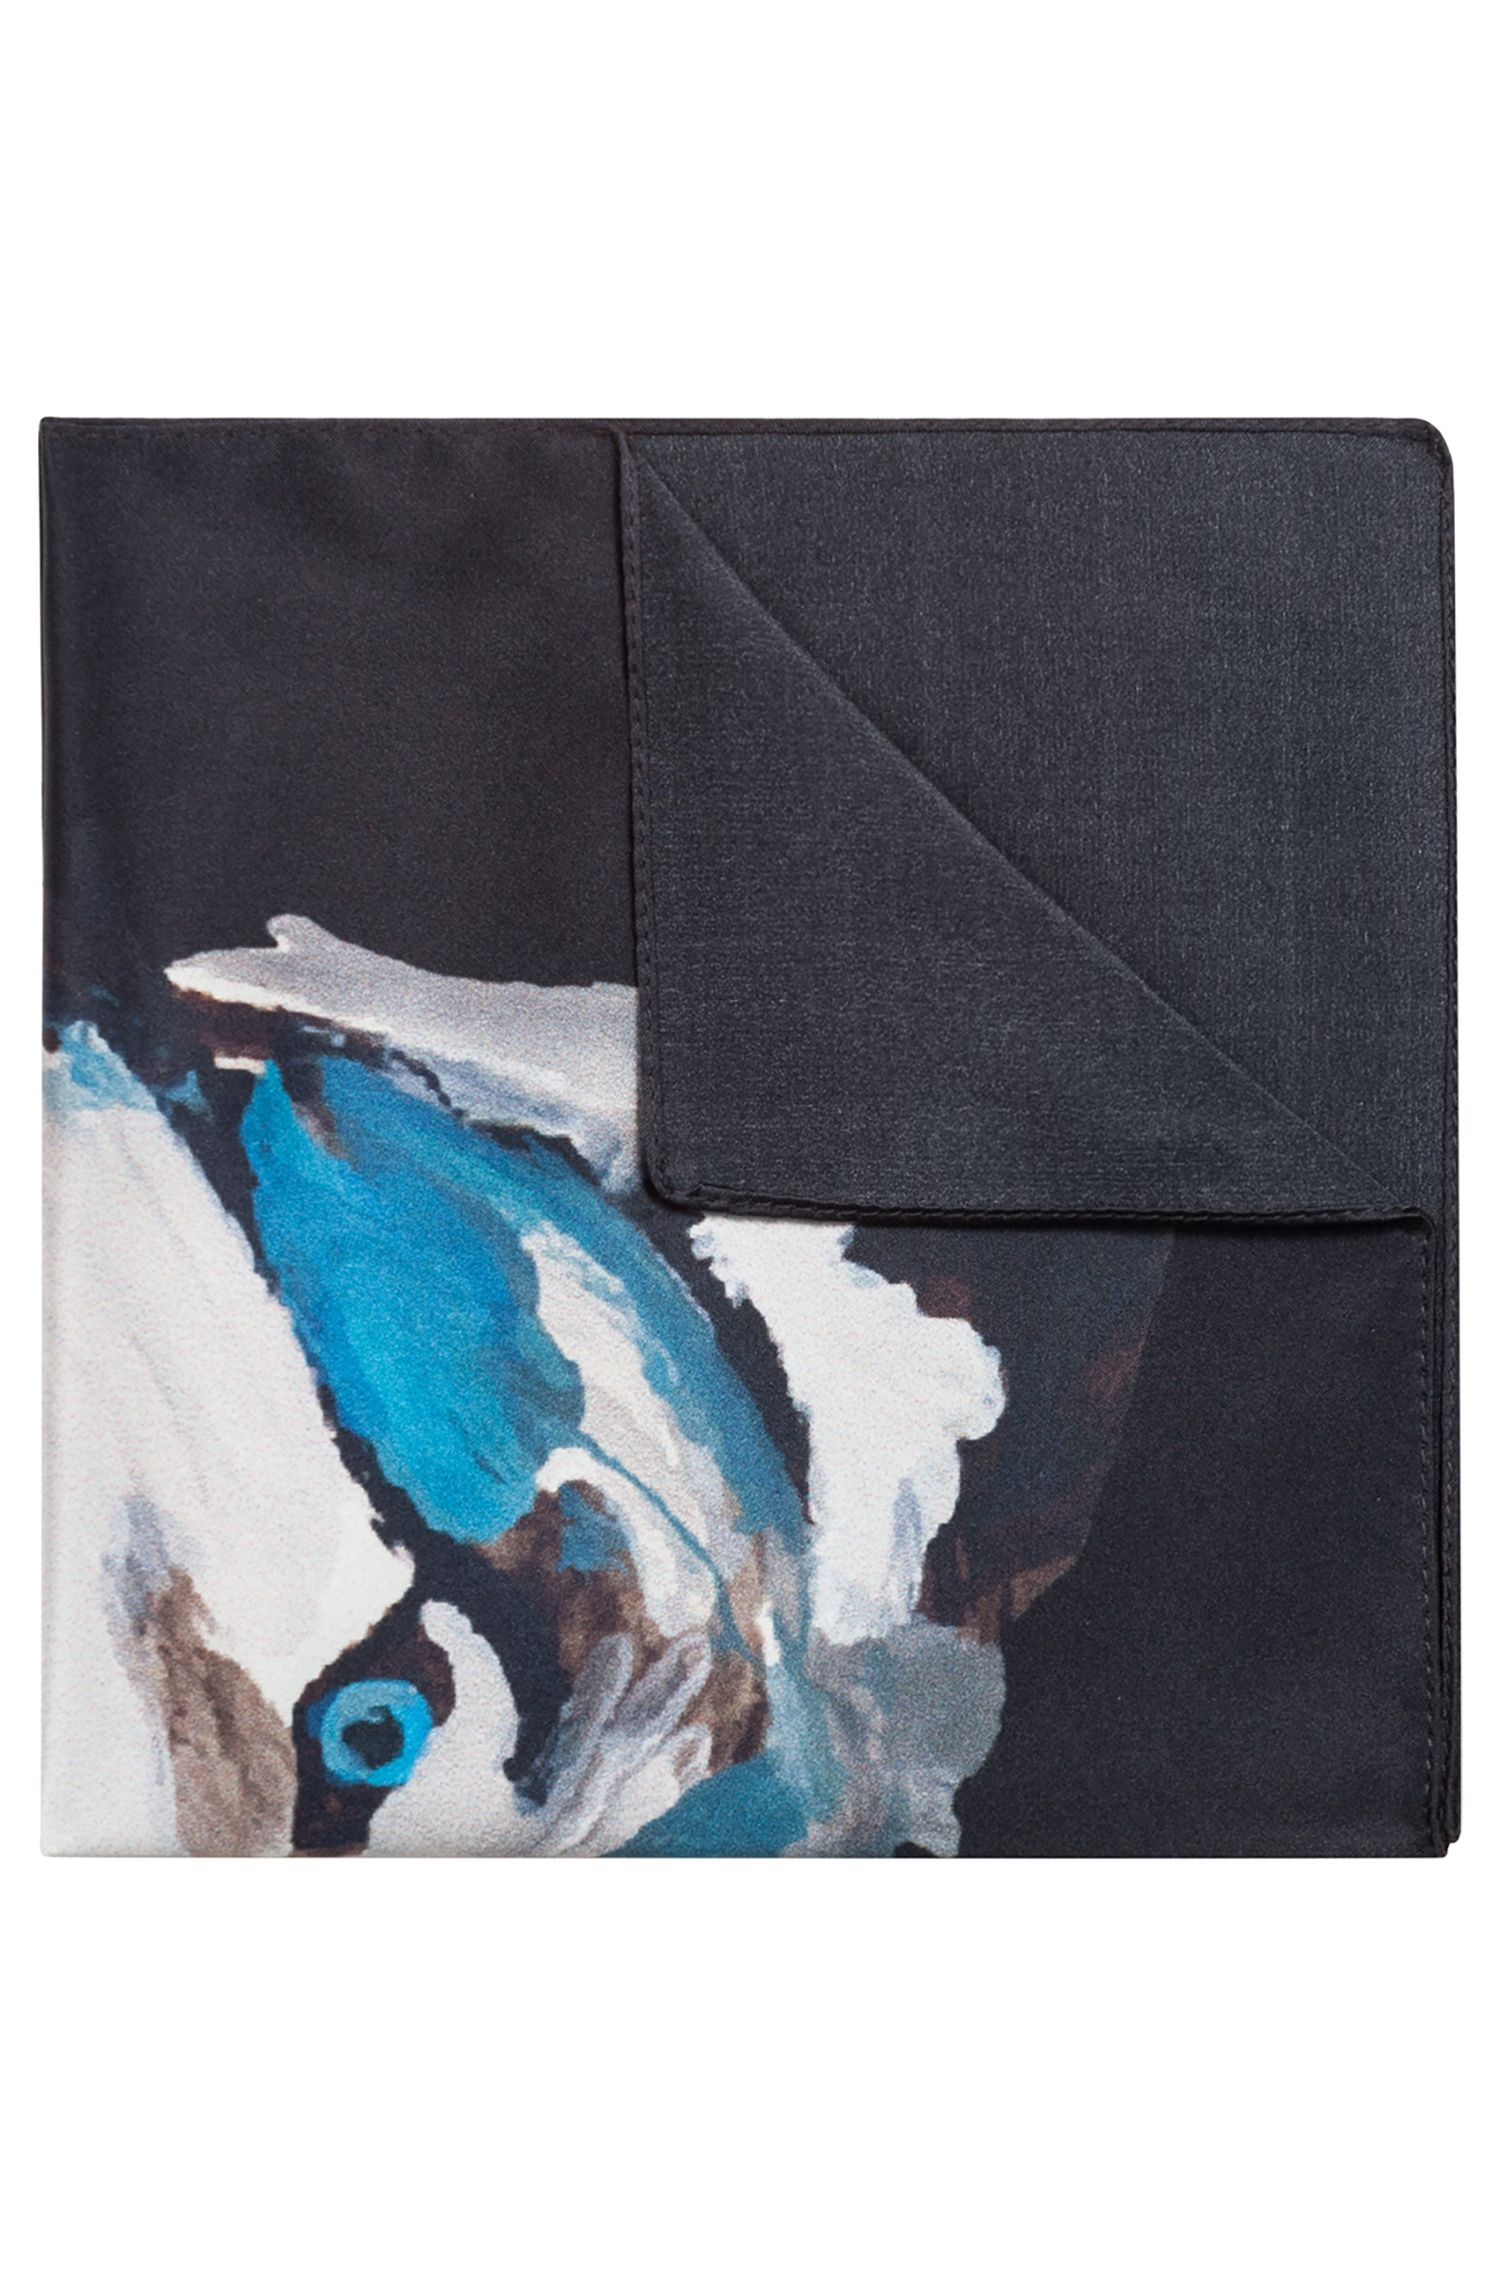 Zijden pochet met wolfmotief, Zwart